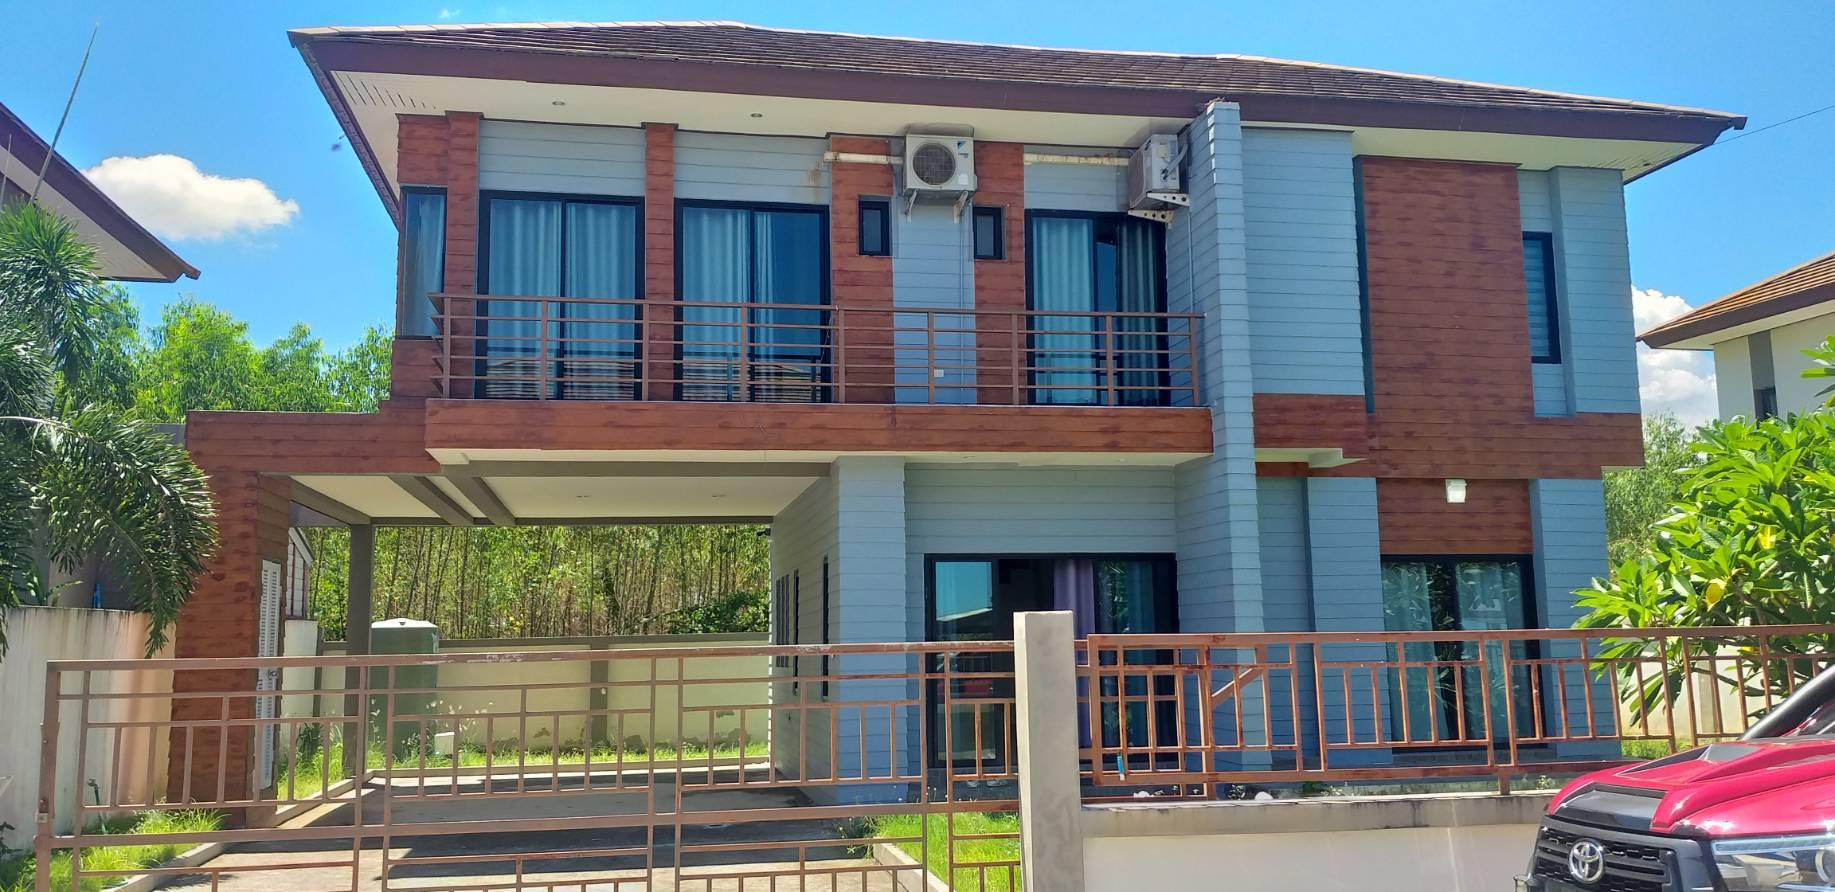 ขายด่วน บ้านเดี่ยว 2 ชั้น แซนสิริโฮม บ้านฉาง ระยอง ขนาด 76 ตรว. ราคา 2.98 ล้านบาท